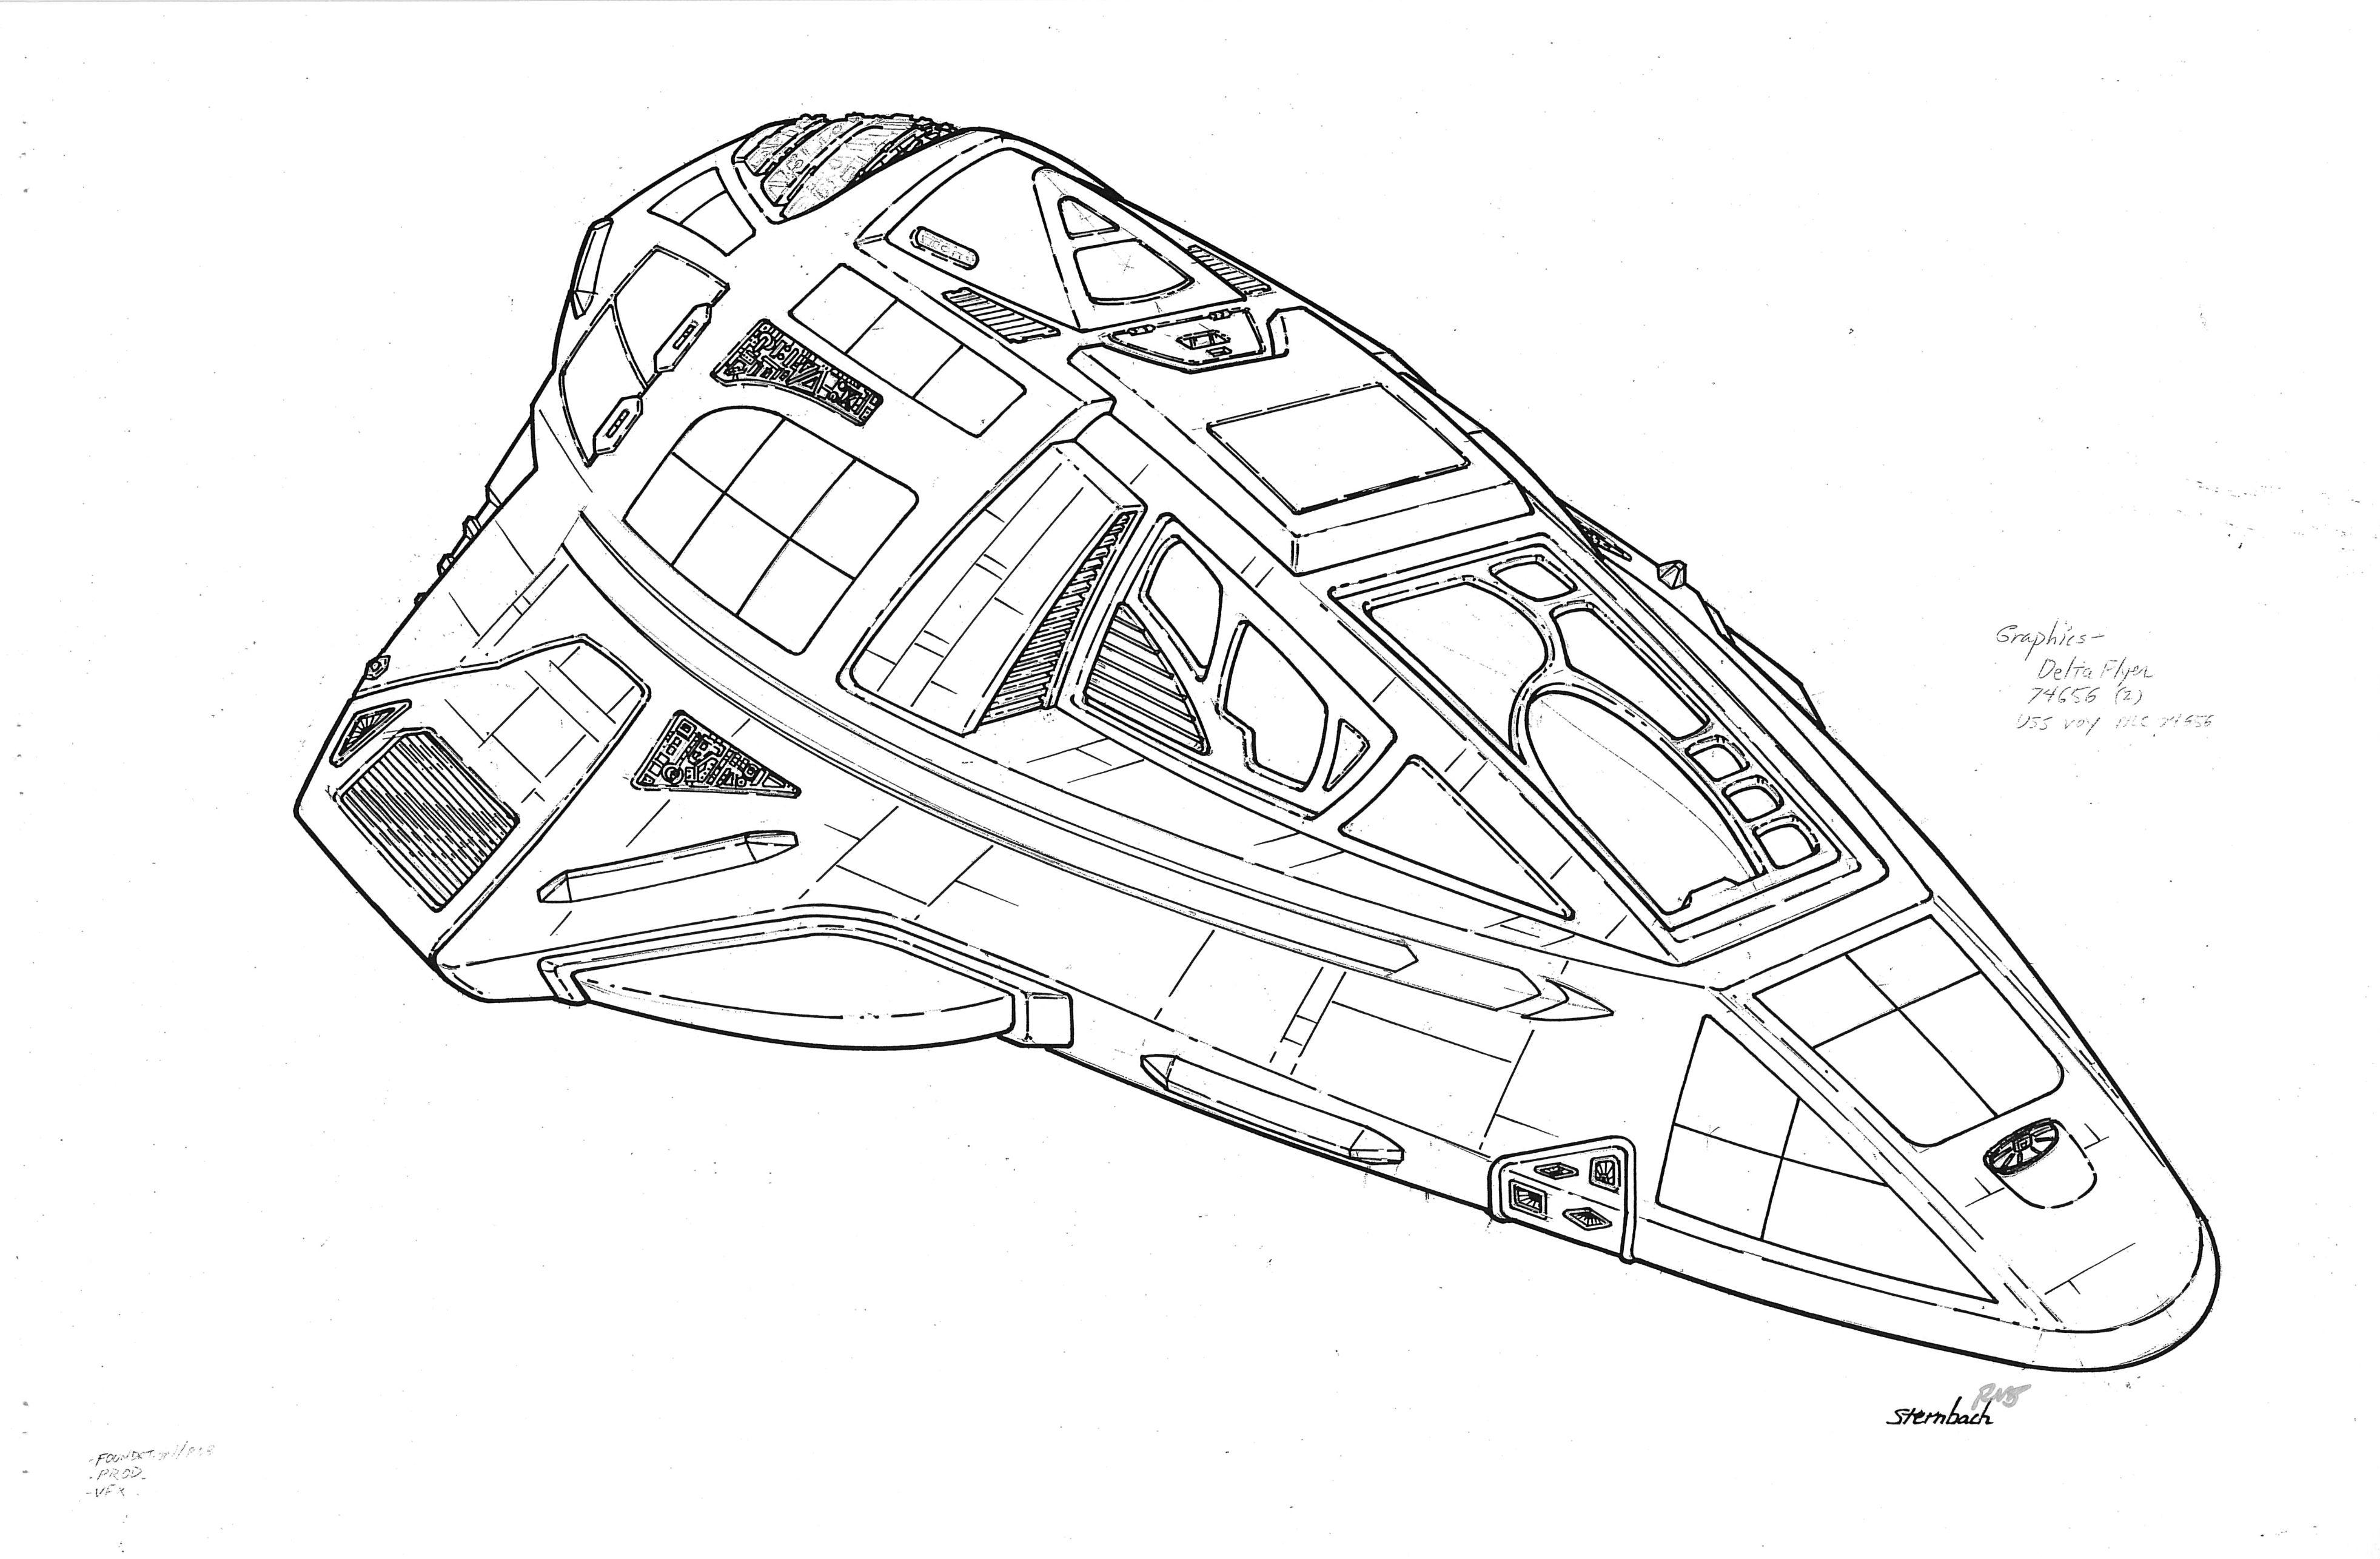 Star trek voyager spacecraft - Delta Flyer Star Trek Voyager